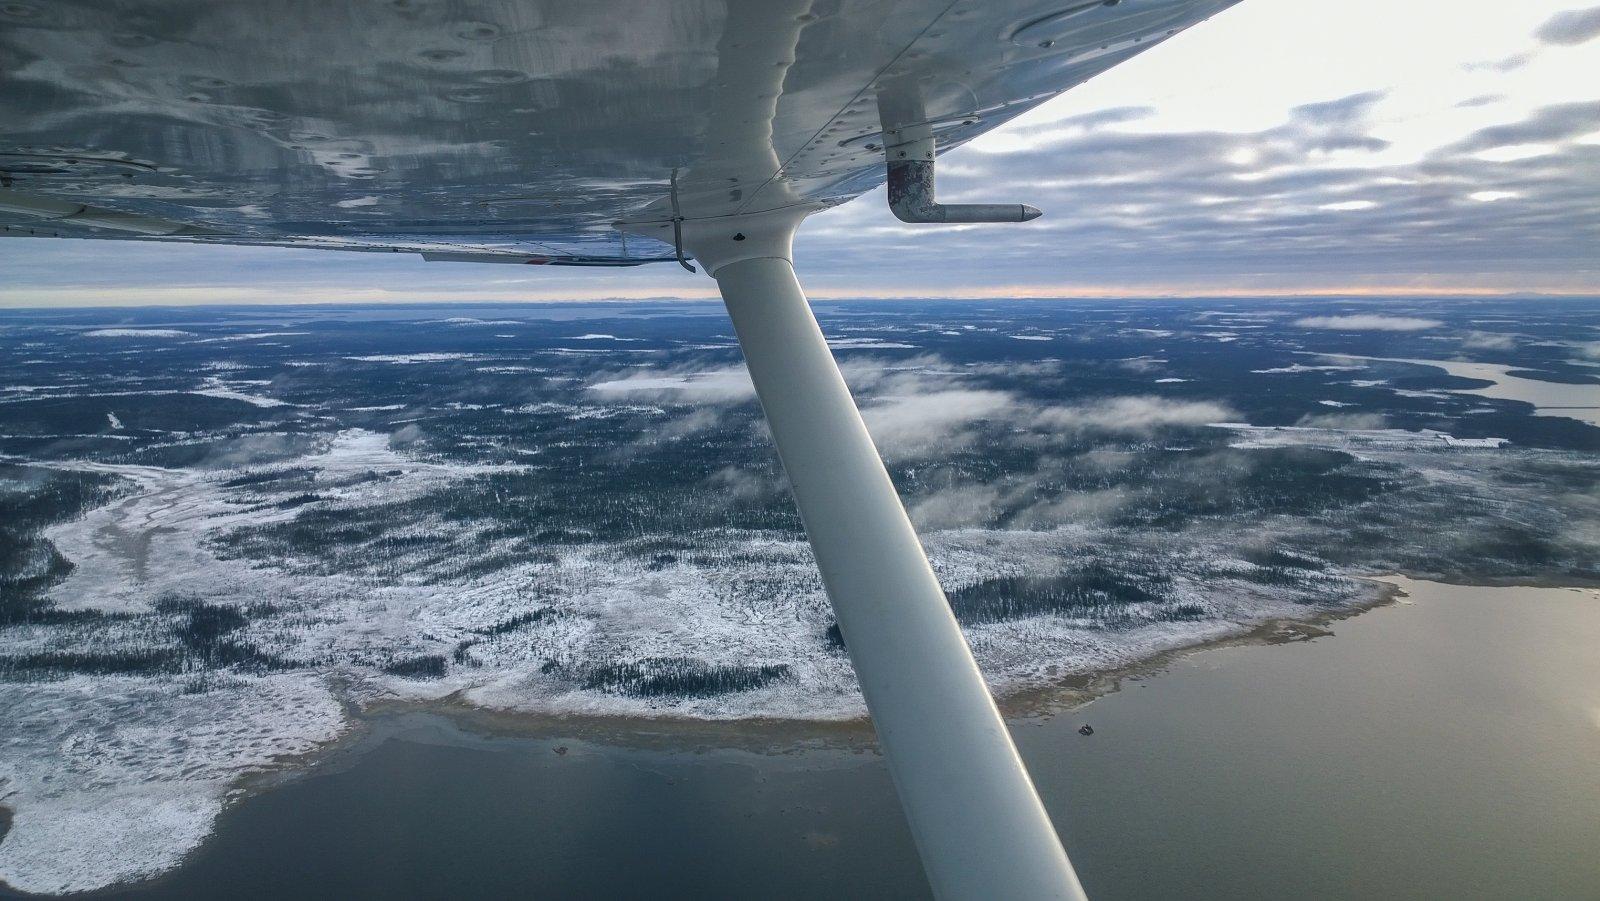 OH-CAK. Cessna 172N Skyhawk, siirtolennolla Ivalosta Rovaniemelle. Porttipahtaa ylittämässä.